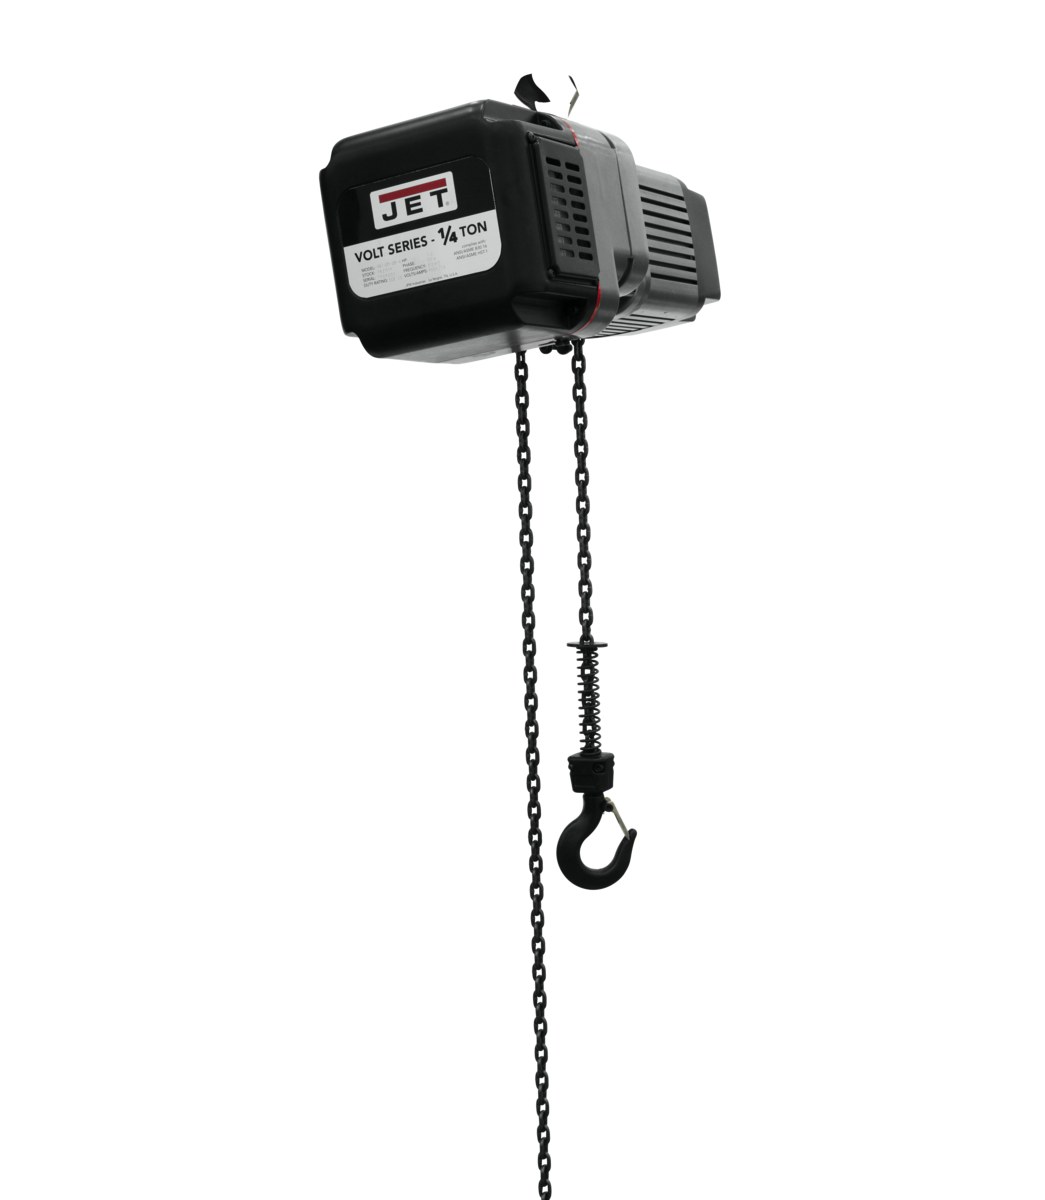 VOLT 1/4T VARIABLE-SPEED ELECTRIC HOIST 3PH 460V 10' LIFT